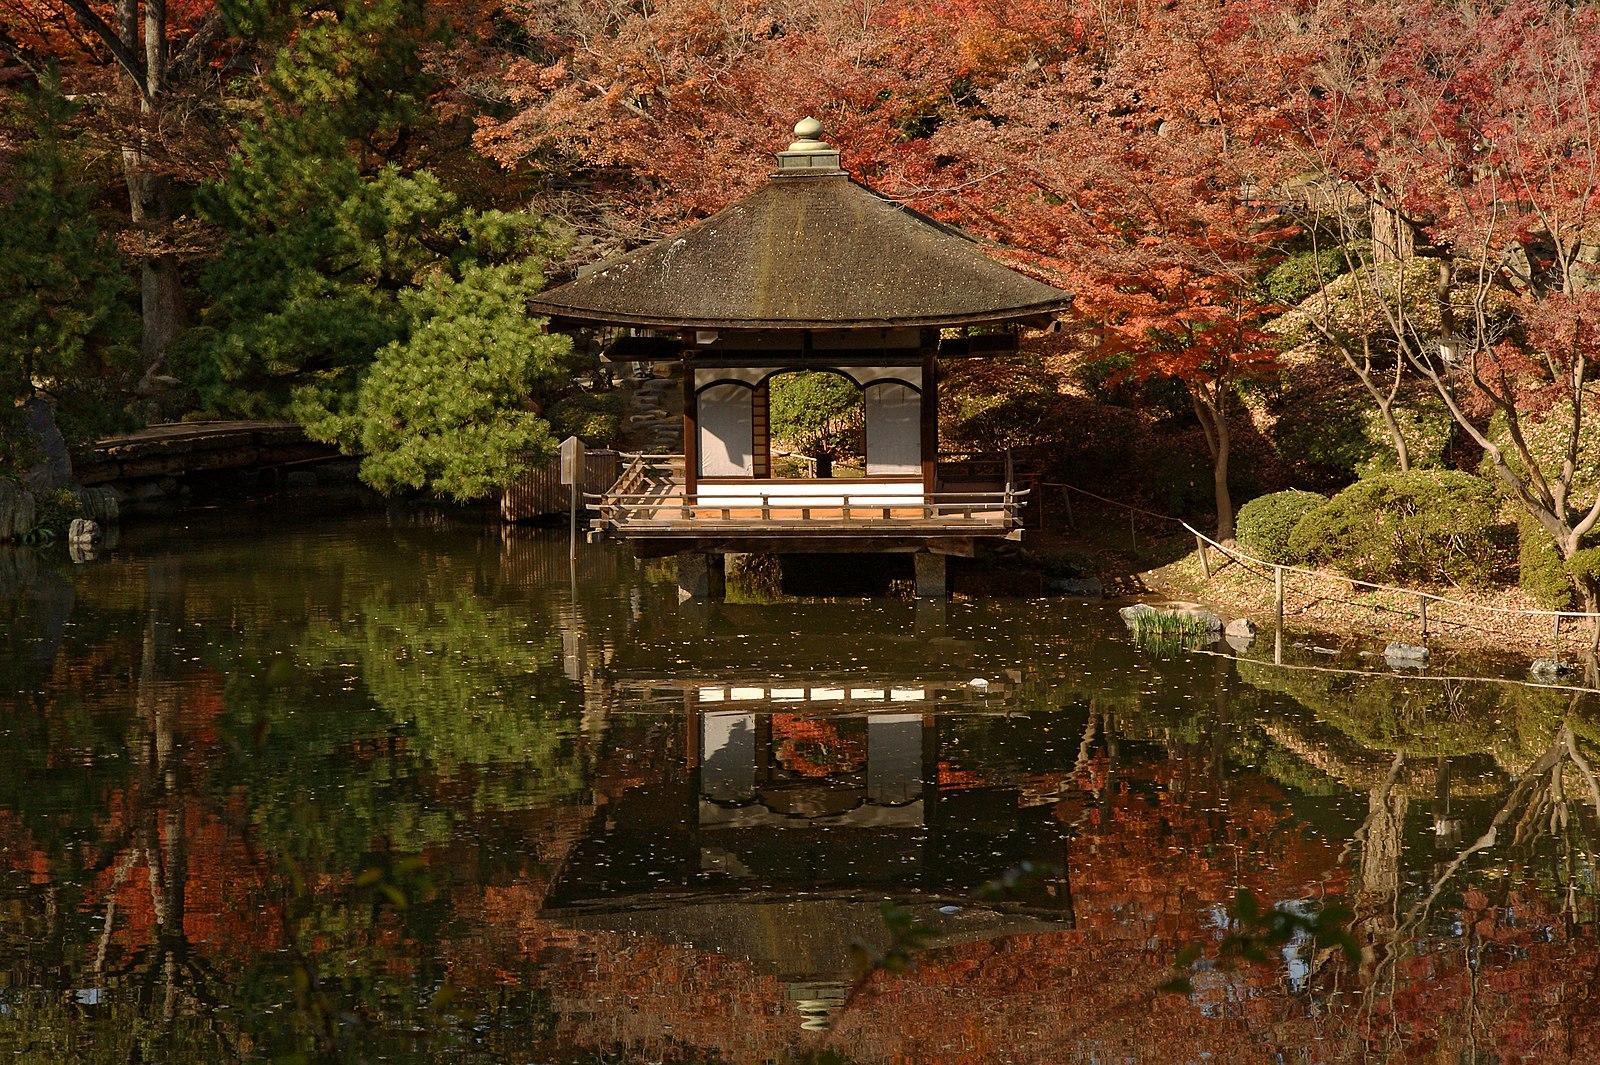 японский чайный домик фото хэйнс